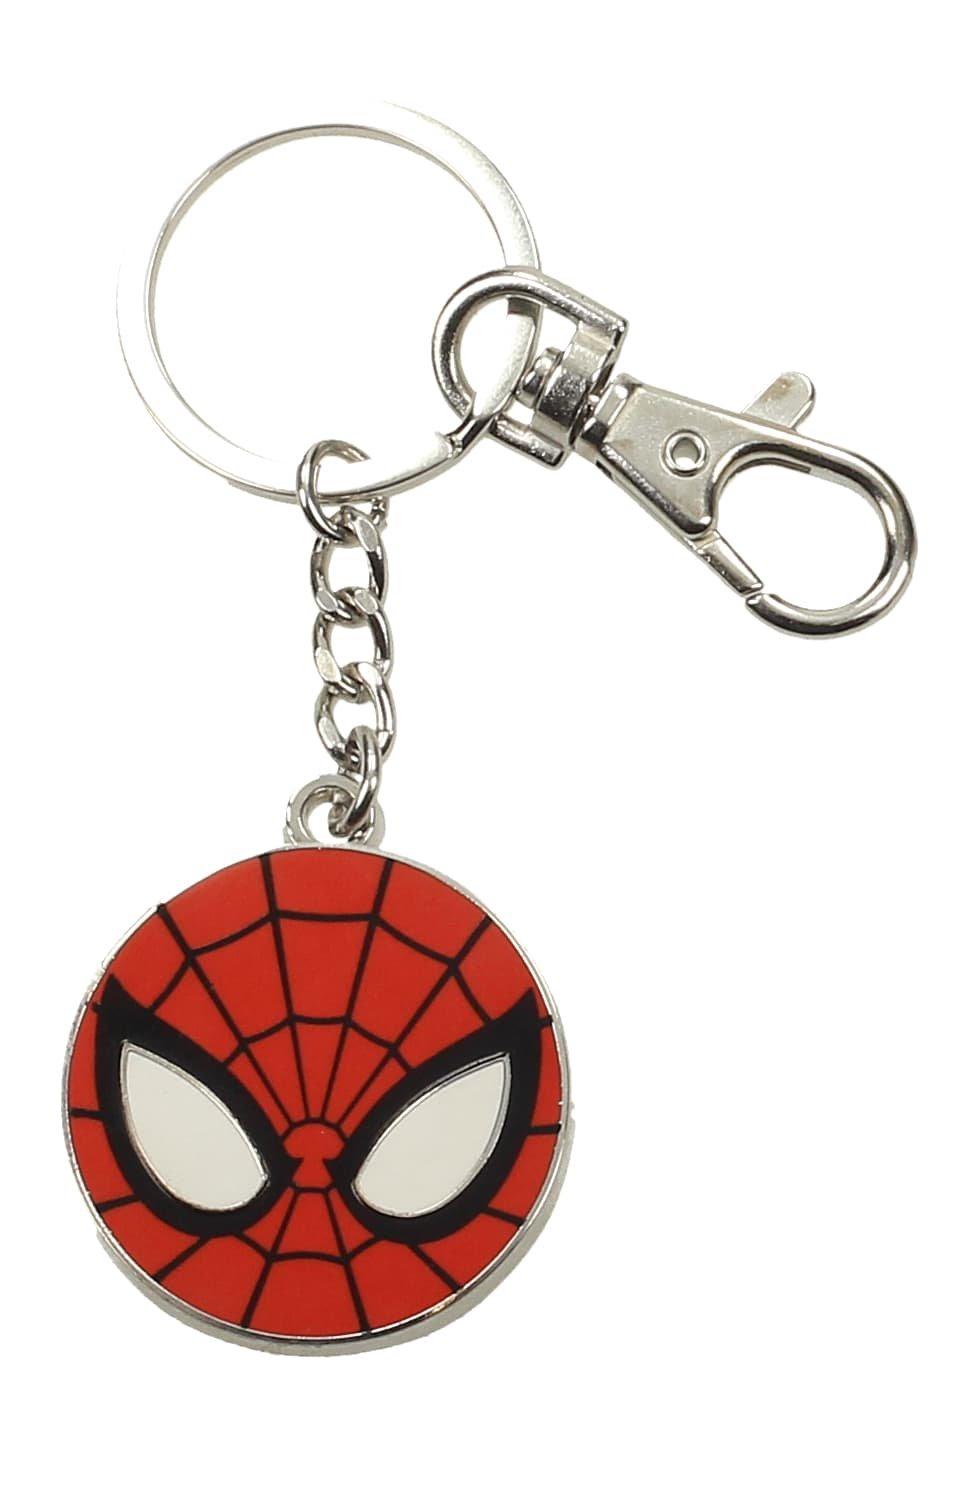 Amazon.com: SD toys - Porte Clé Marvel - Spider Man Logo ...